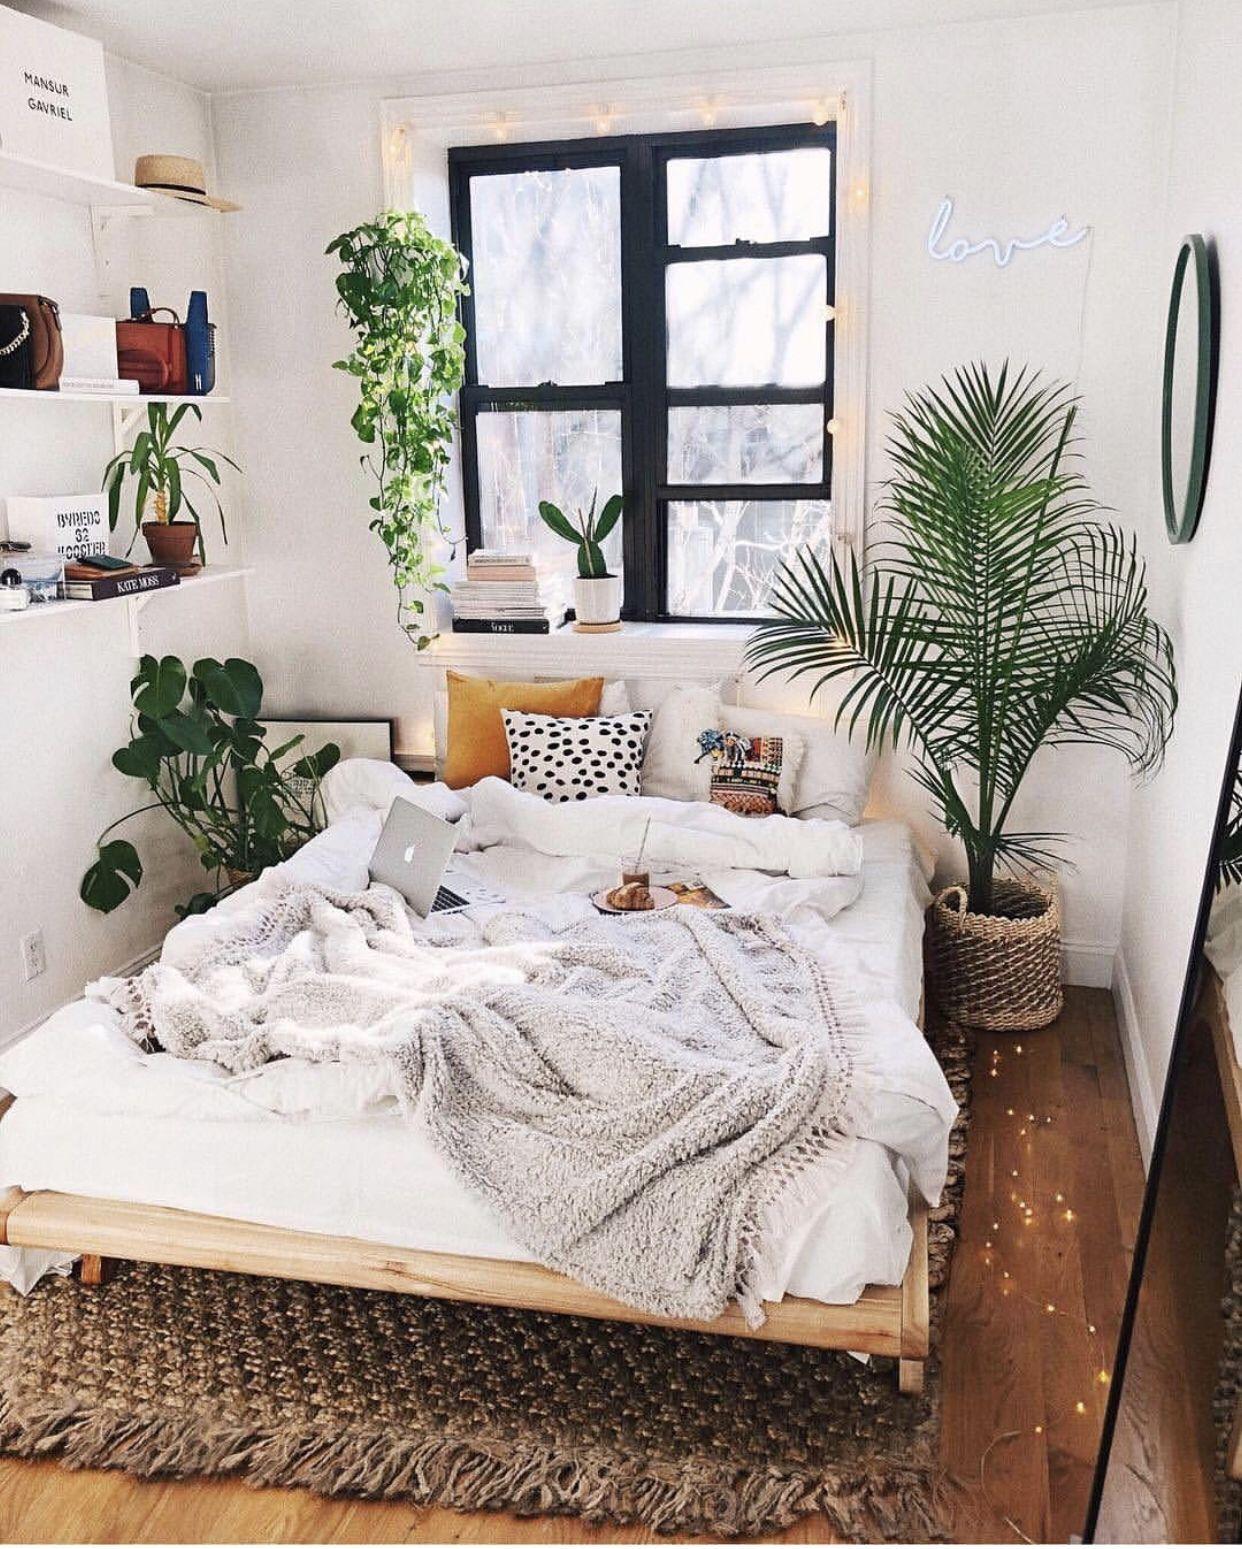 Minimalist Bedroom With Plants Dream Bedroom In 2019 ...